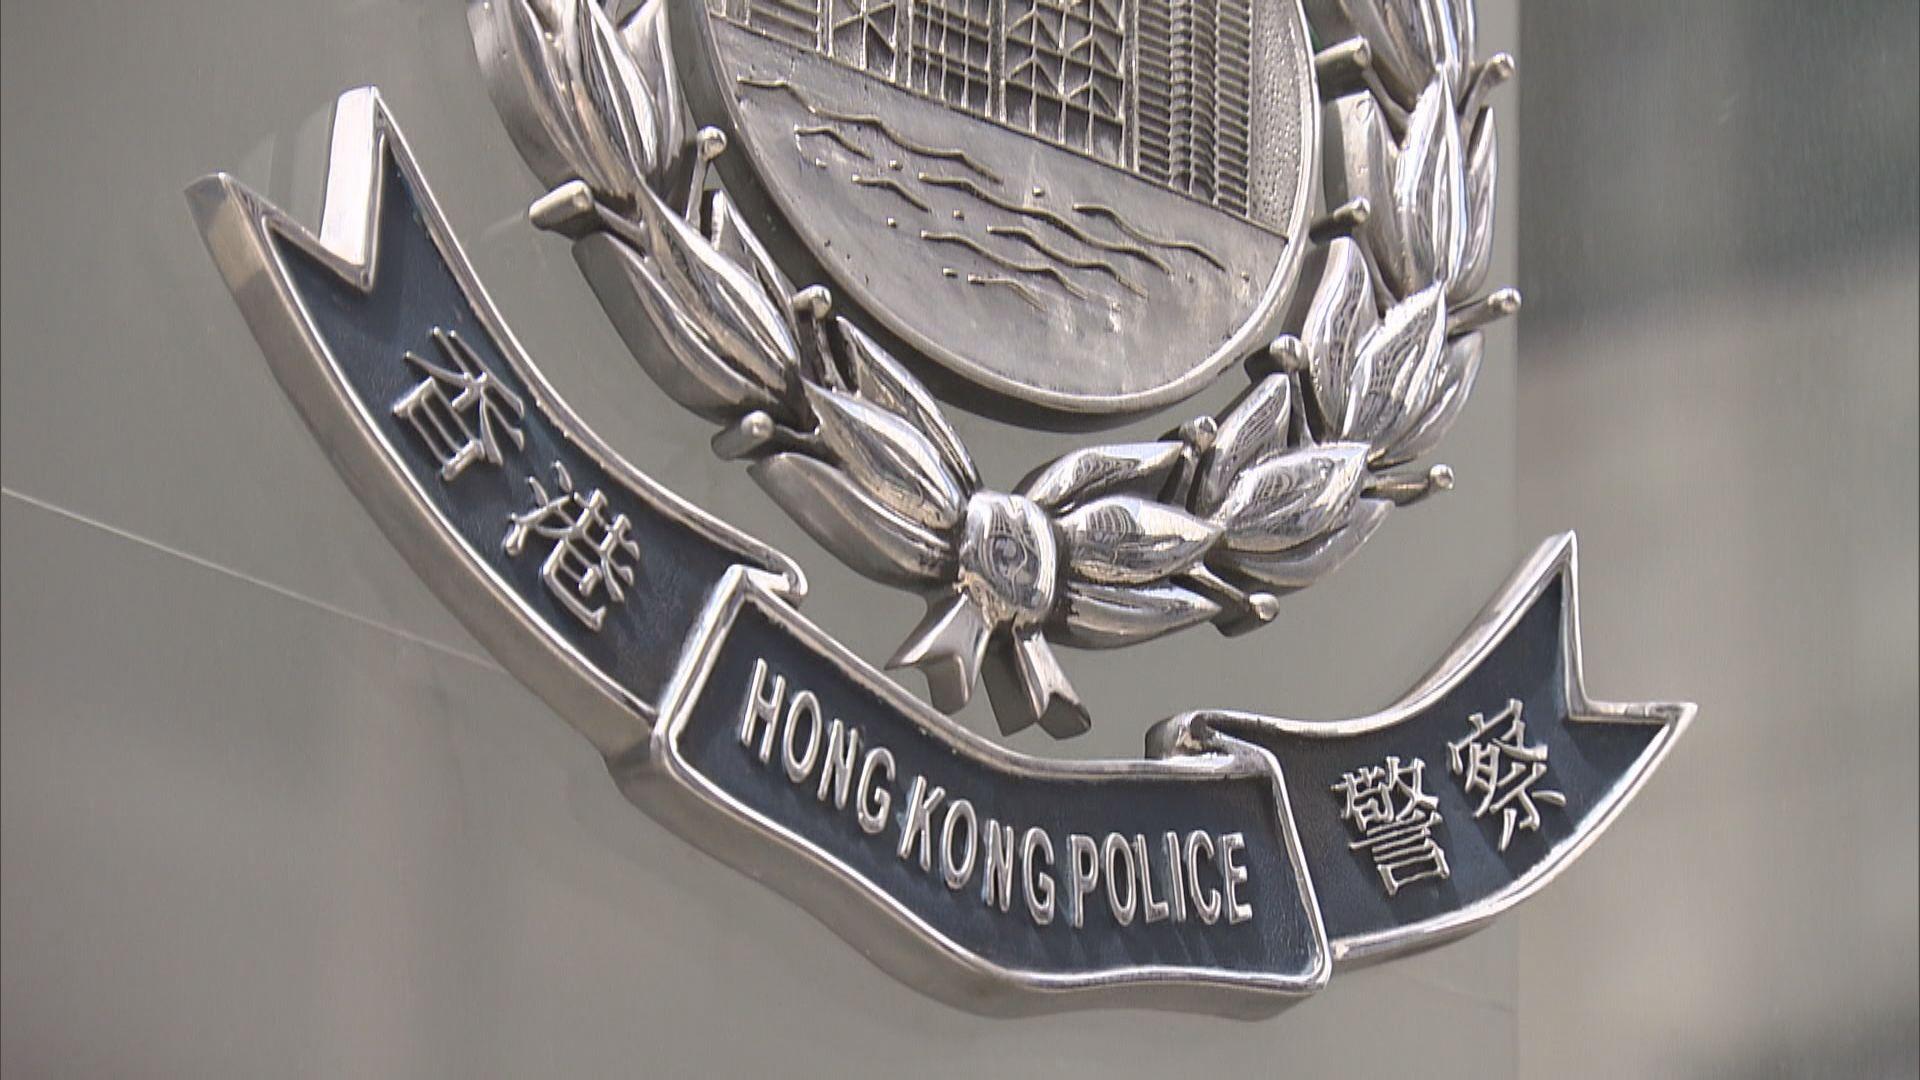 警方國安處就有人在中大遊行及集會展開調查